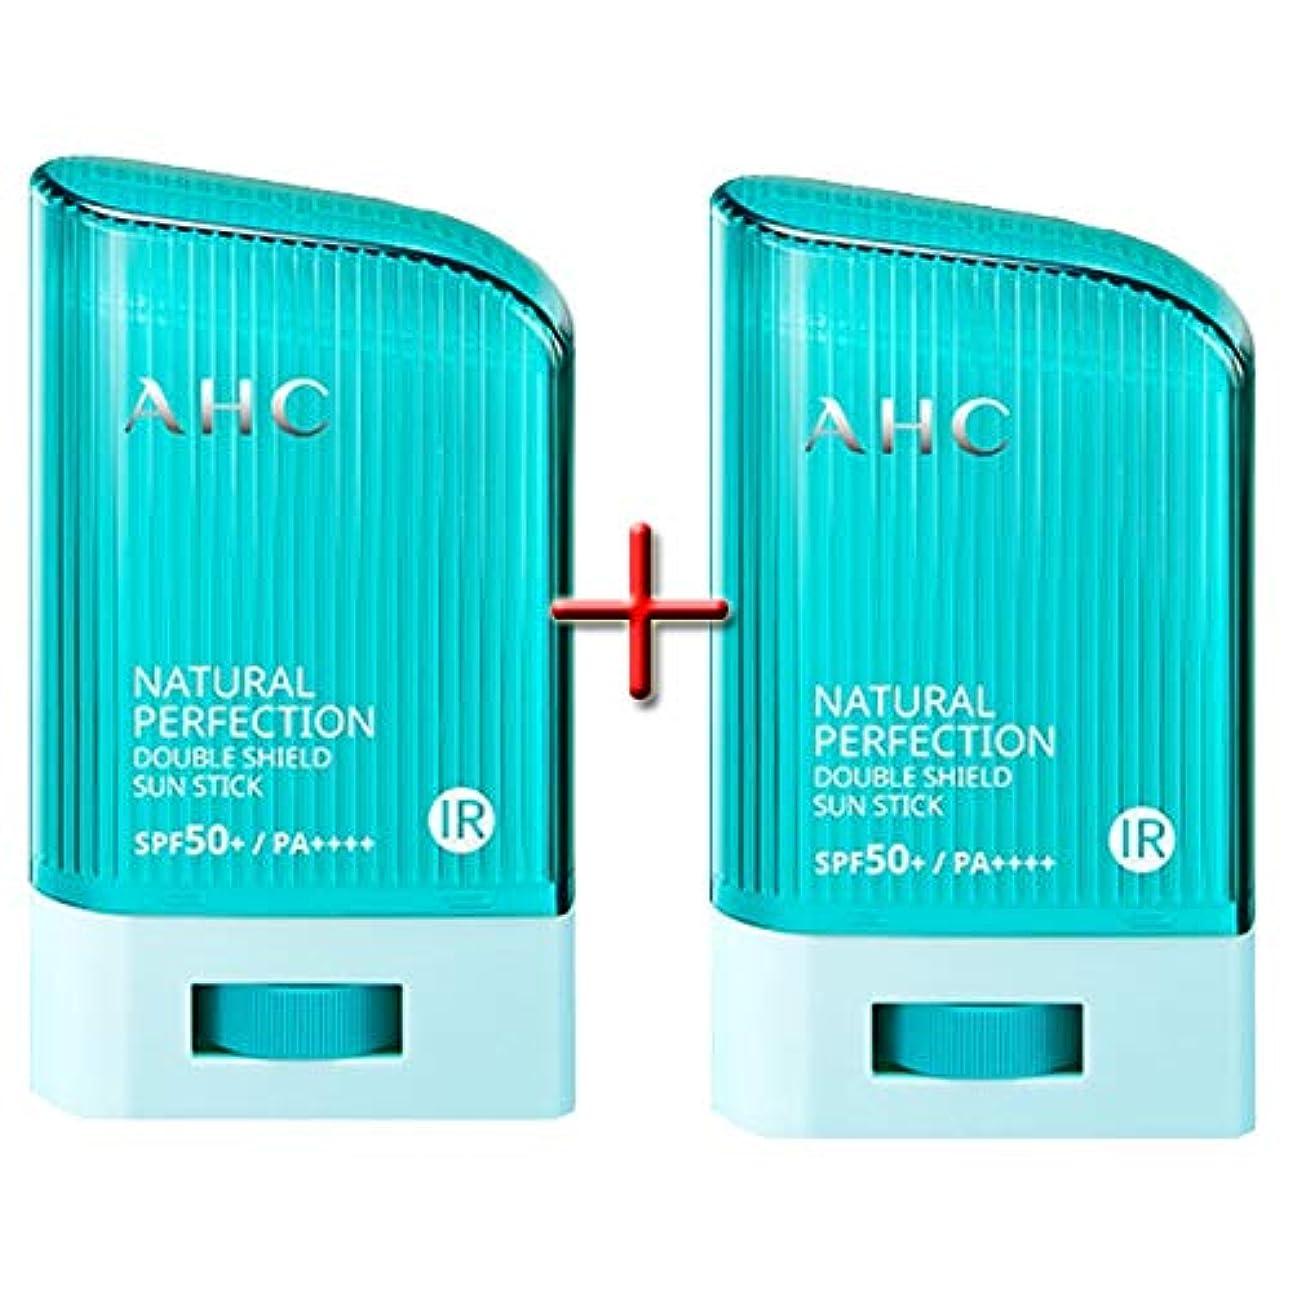 和解するハンバーガーマイクロフォン[ 1+1 ] AHC ナチュラルパーフェクションダブルシールドサンスティック 22g, Natural Perfection Double Shield Sun Stick SPF50+ PA++++